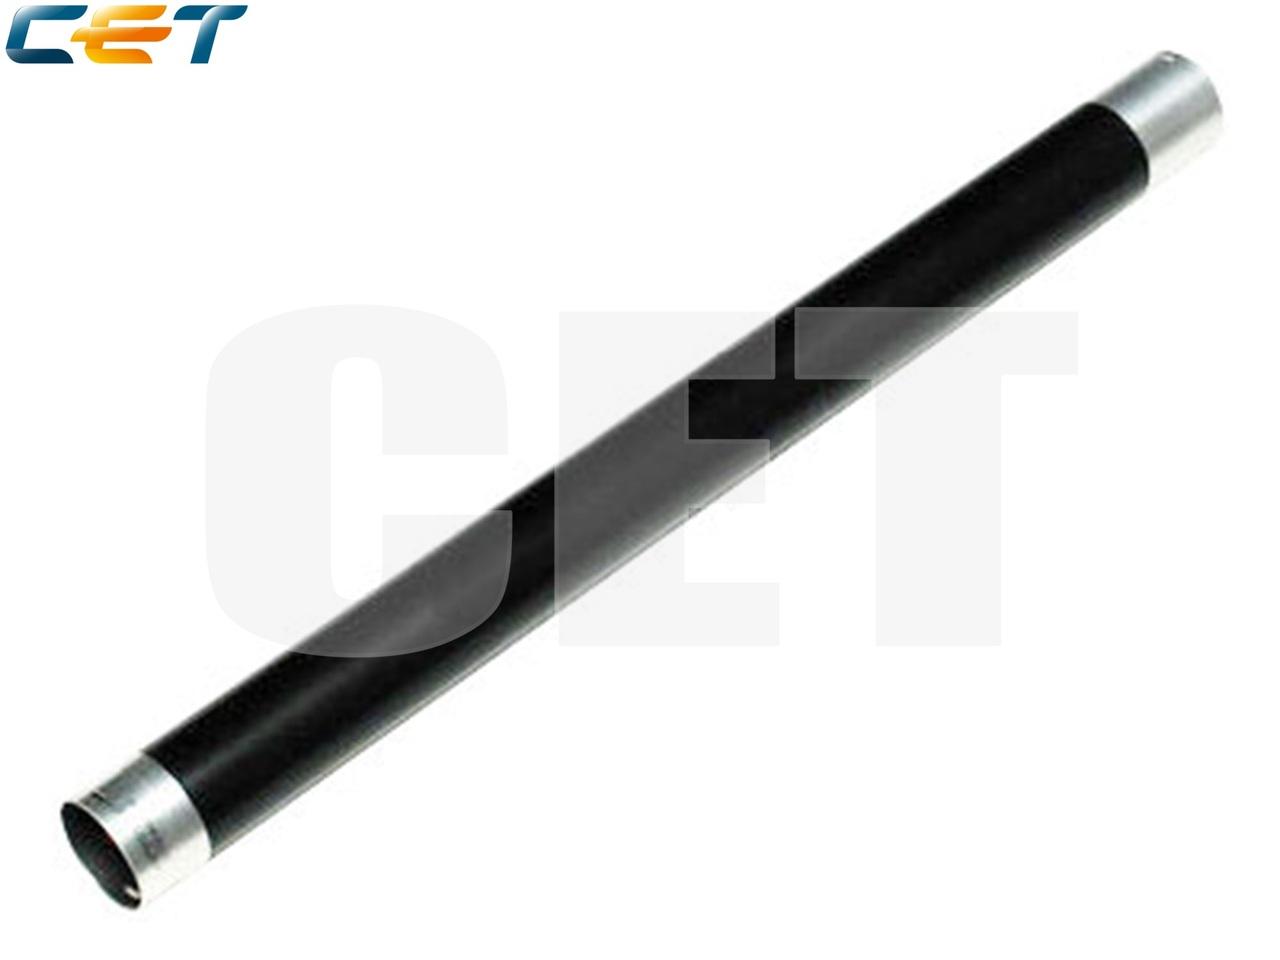 Тефлоновый вал AE01-1065, B245-4052 для RICOH Aficio1015/1018 (CET), CET3074